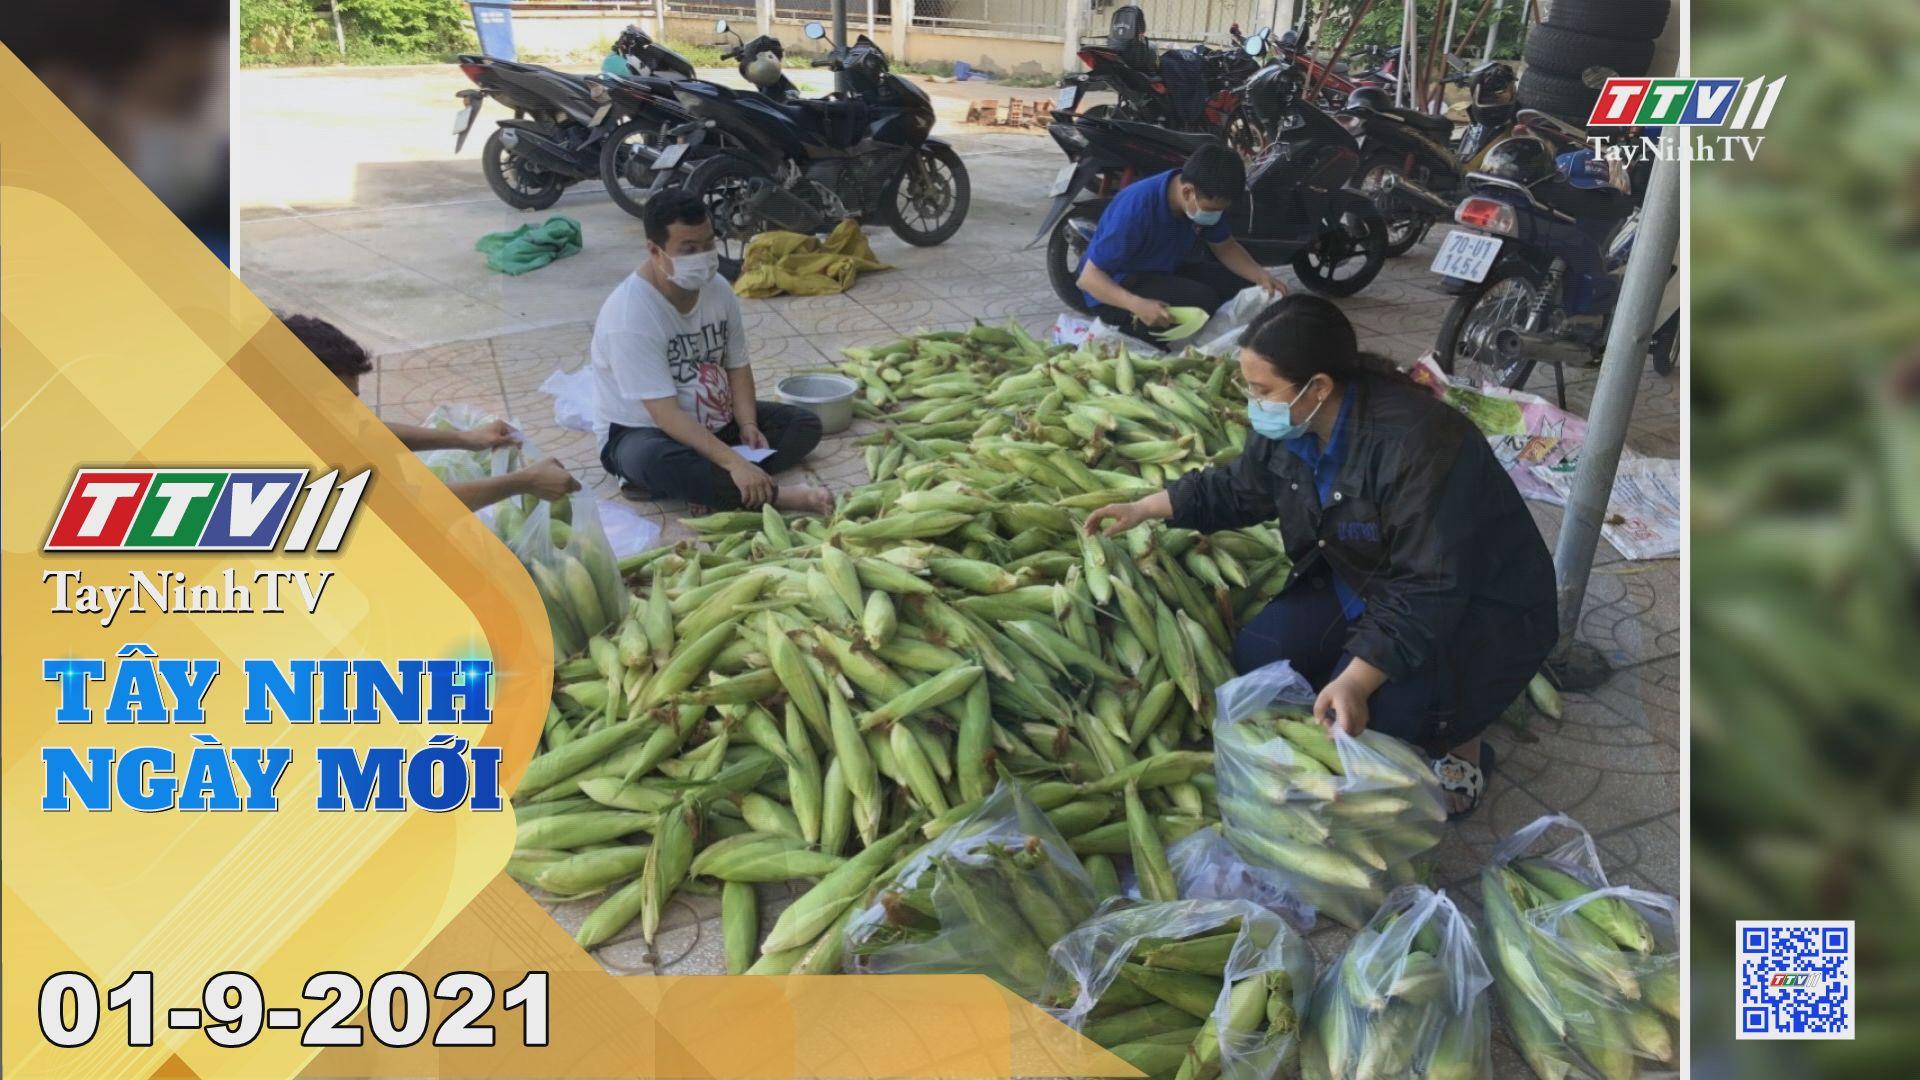 Tây Ninh Ngày Mới 01-9-2021 | Tin tức hôm nay | TayNinhTV